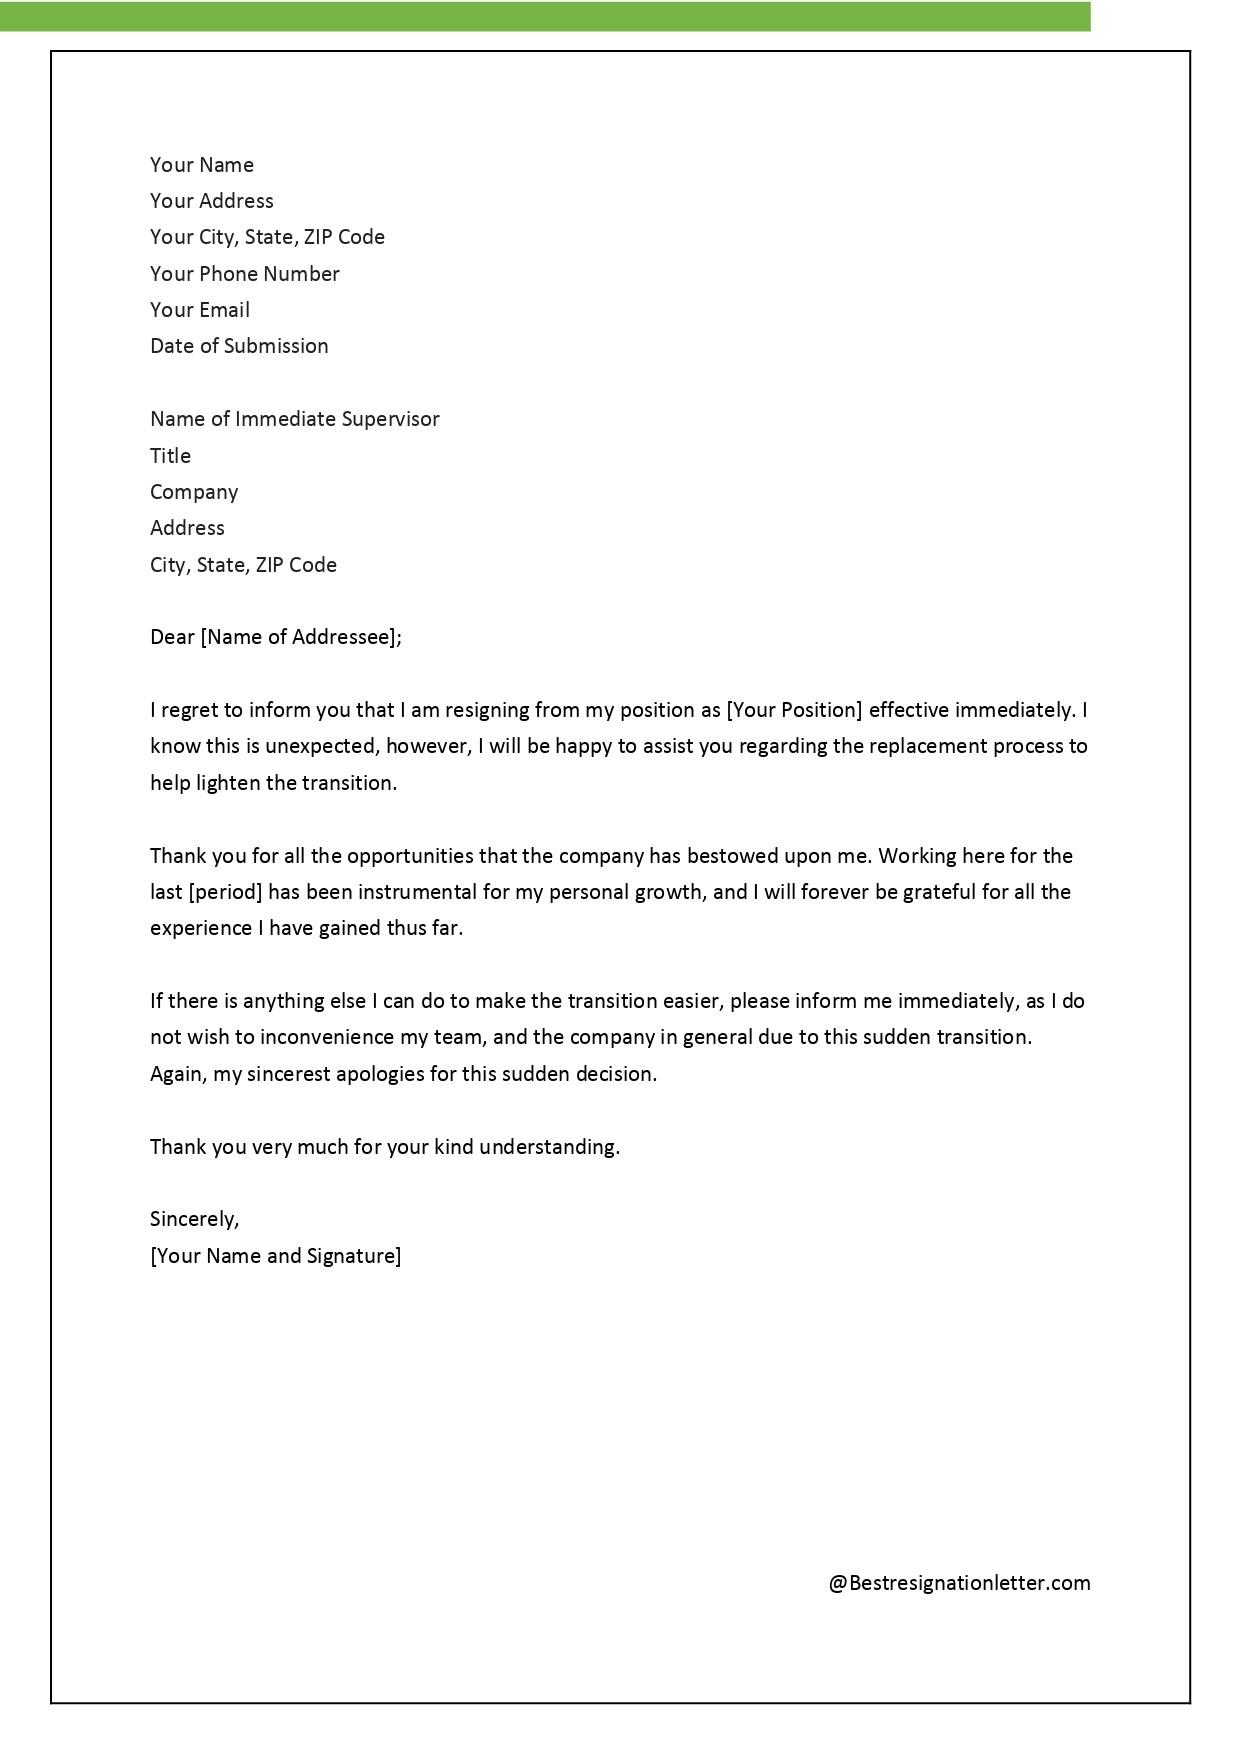 resignation letter template for bpo  10 Resignation Mail Formats   Resume Letter - resignation letter template for bpo